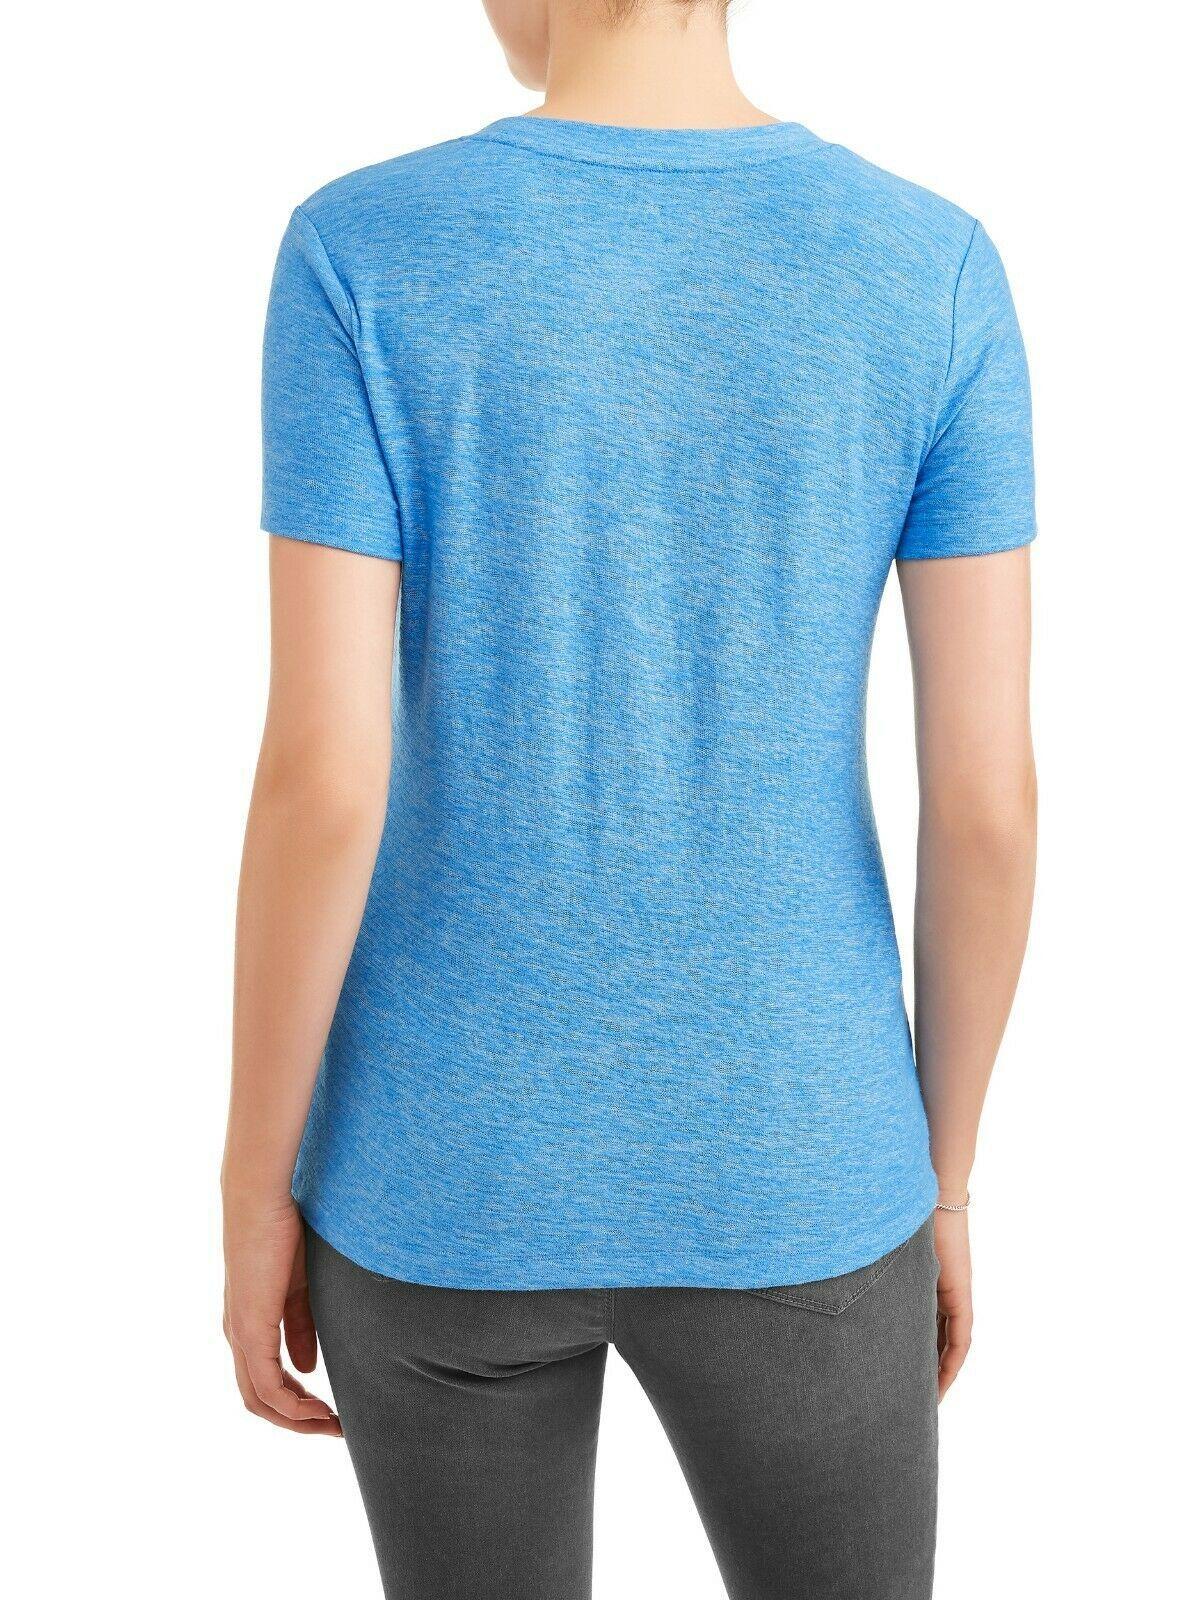 Time & Tru Women's Crew Neck T Shirt Blue XL (16-18) Short Sleeve Regular Fit image 2